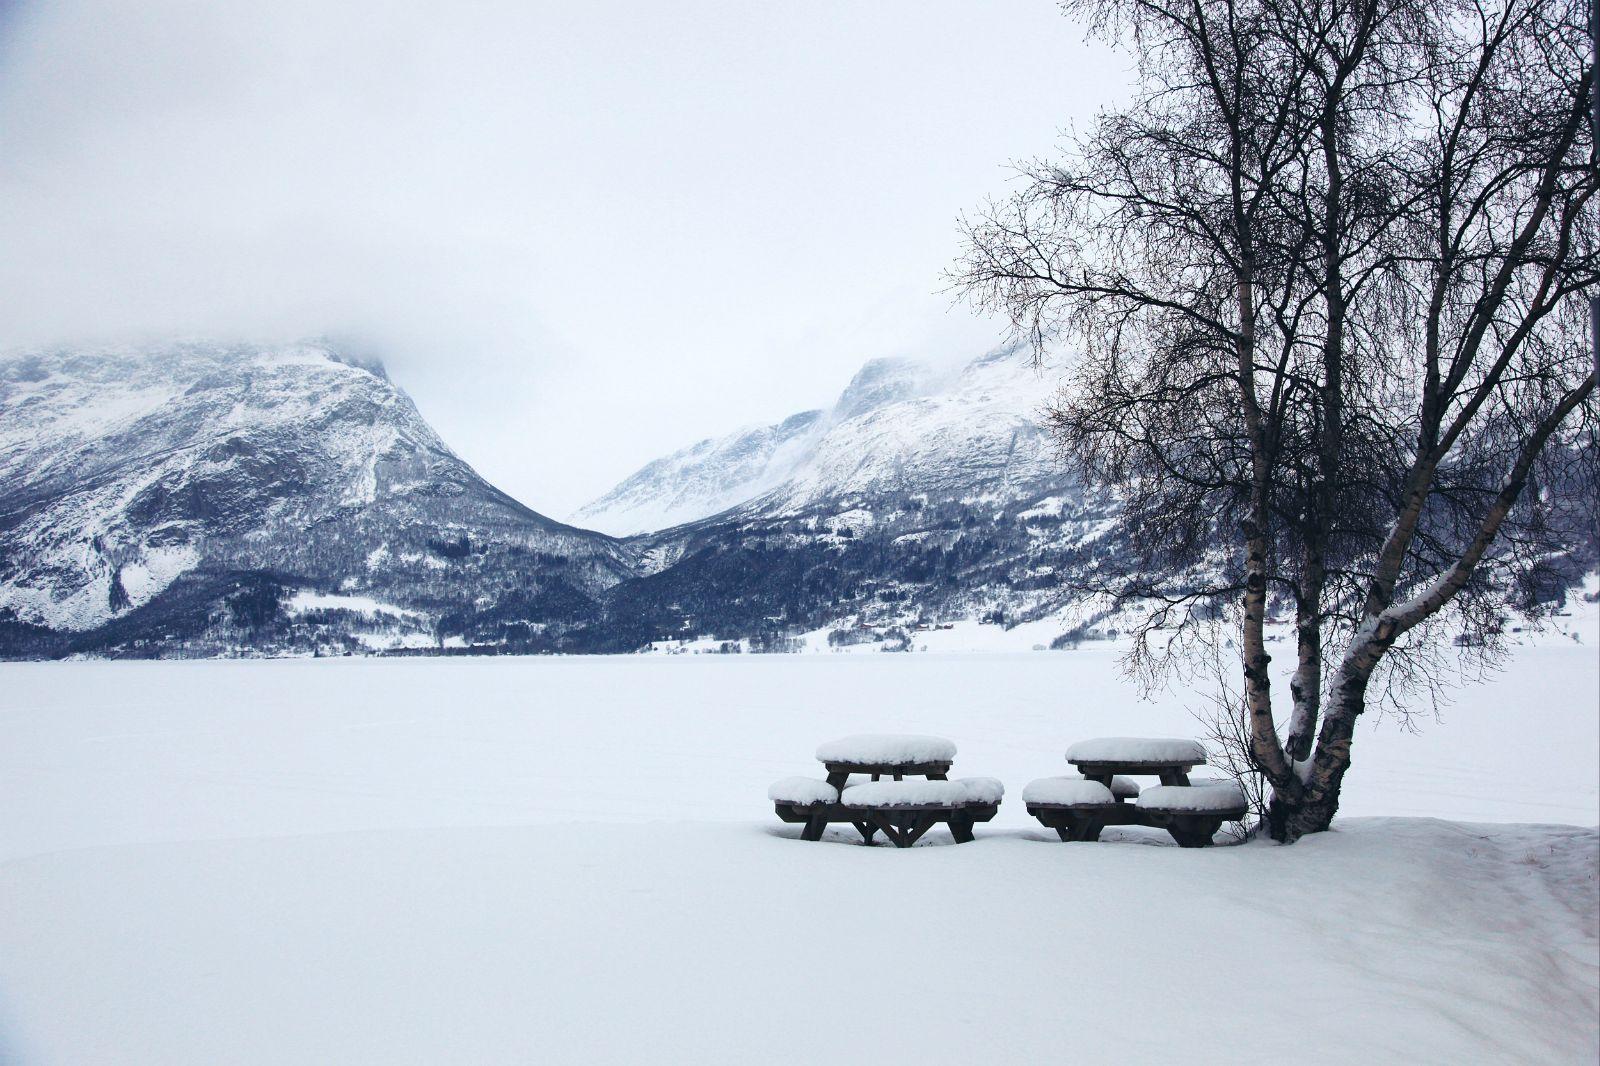 天资讯_北欧是冰天雪地,是粗犷辽阔,亦是安徒生童话的故乡,是梦幻浪漫开始的